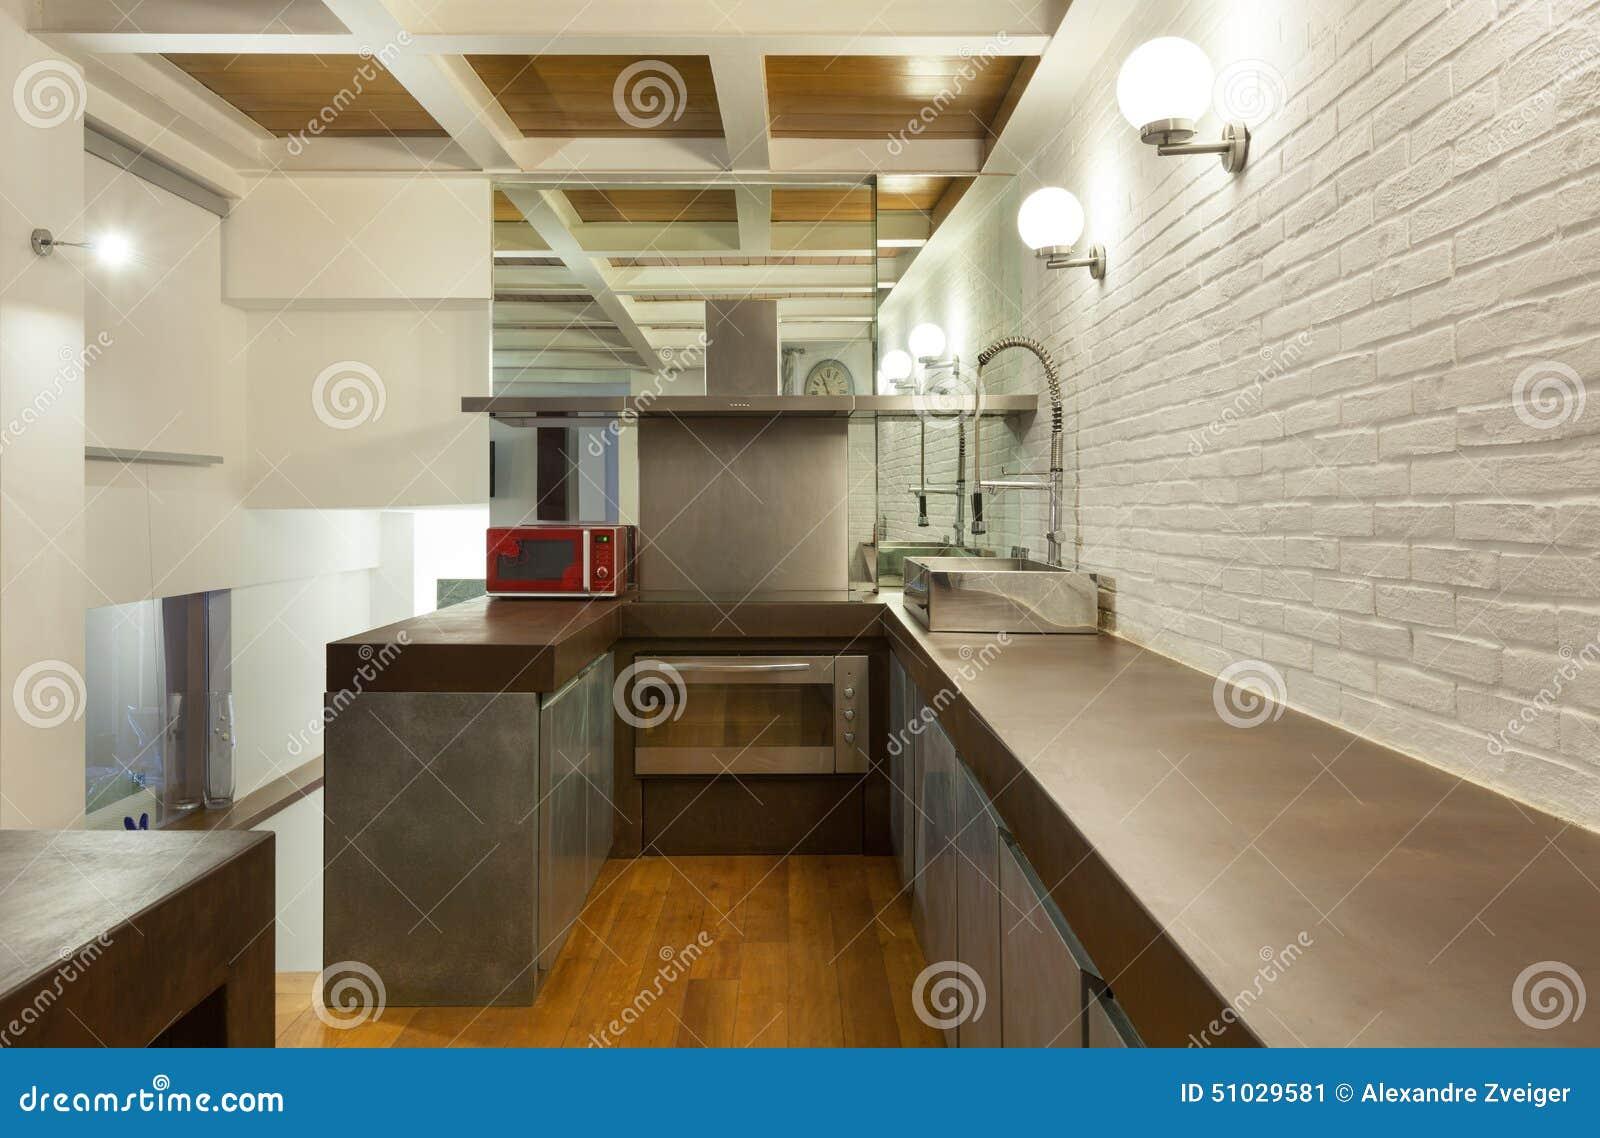 Sótão interior, largo, cozinha doméstica